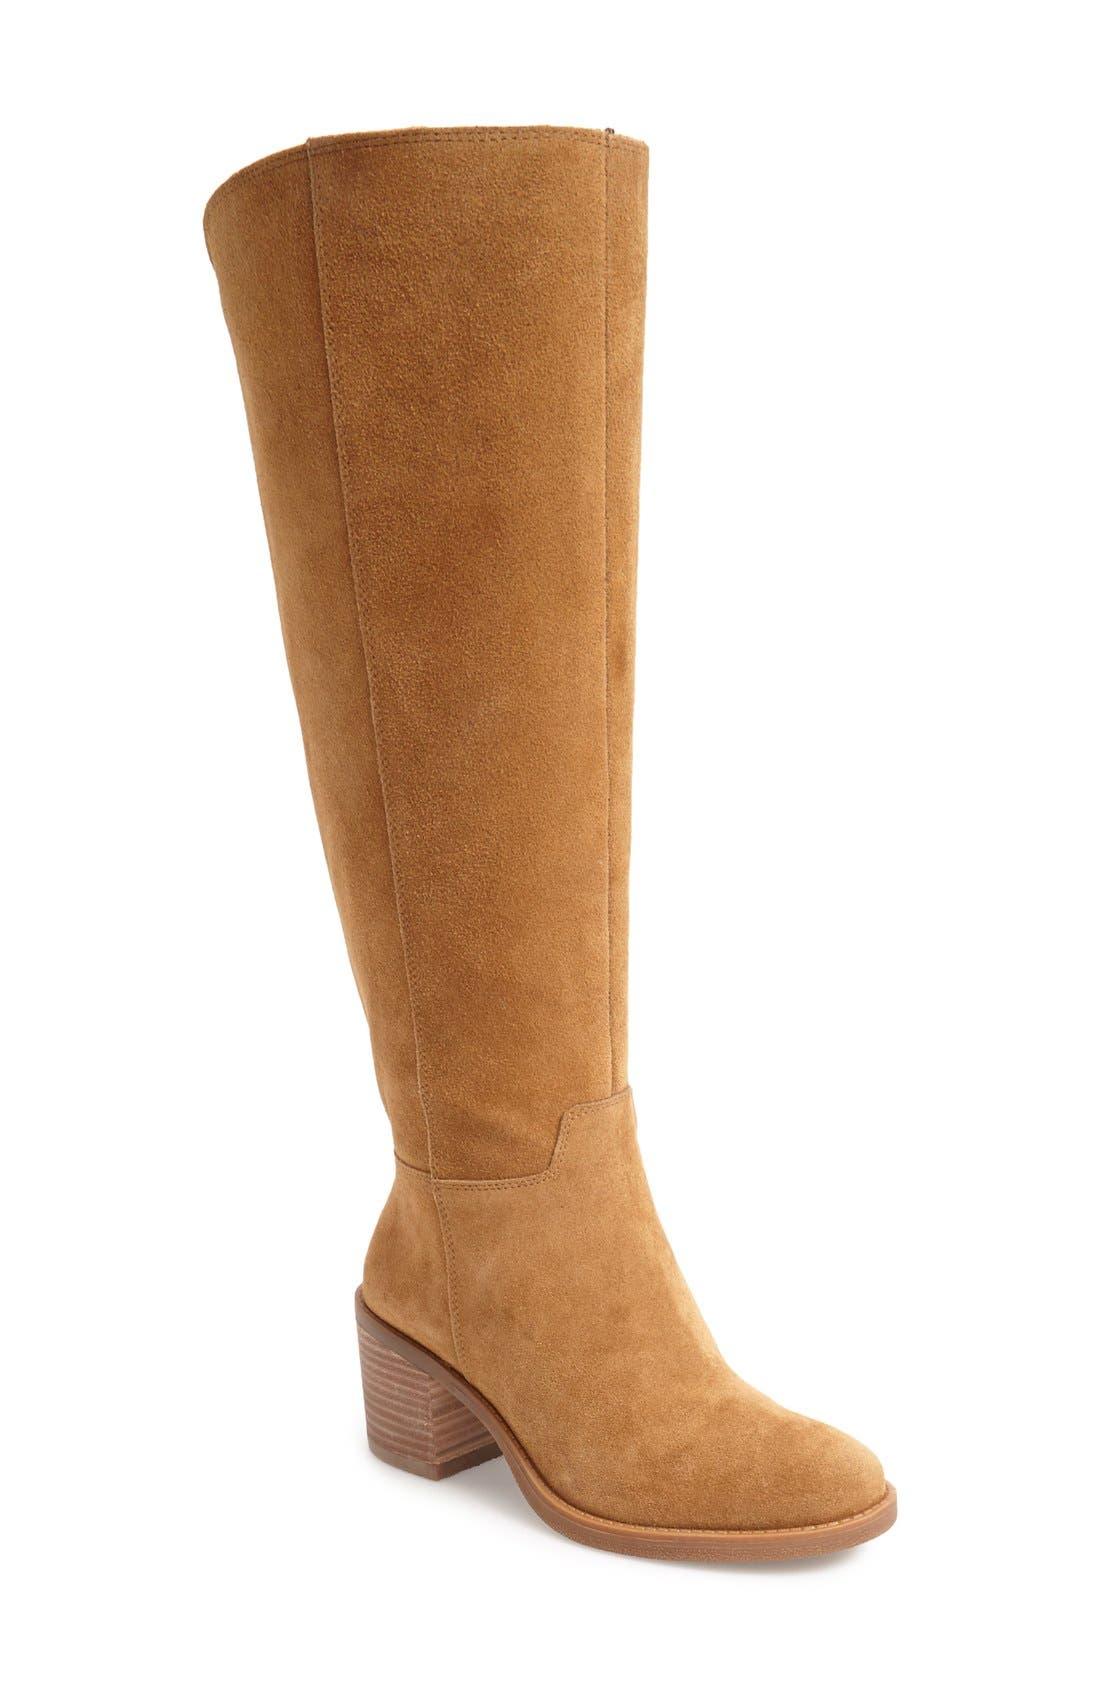 Main Image - Lucky Brand Ritten Tall Boot (Women) (Wide Calf)